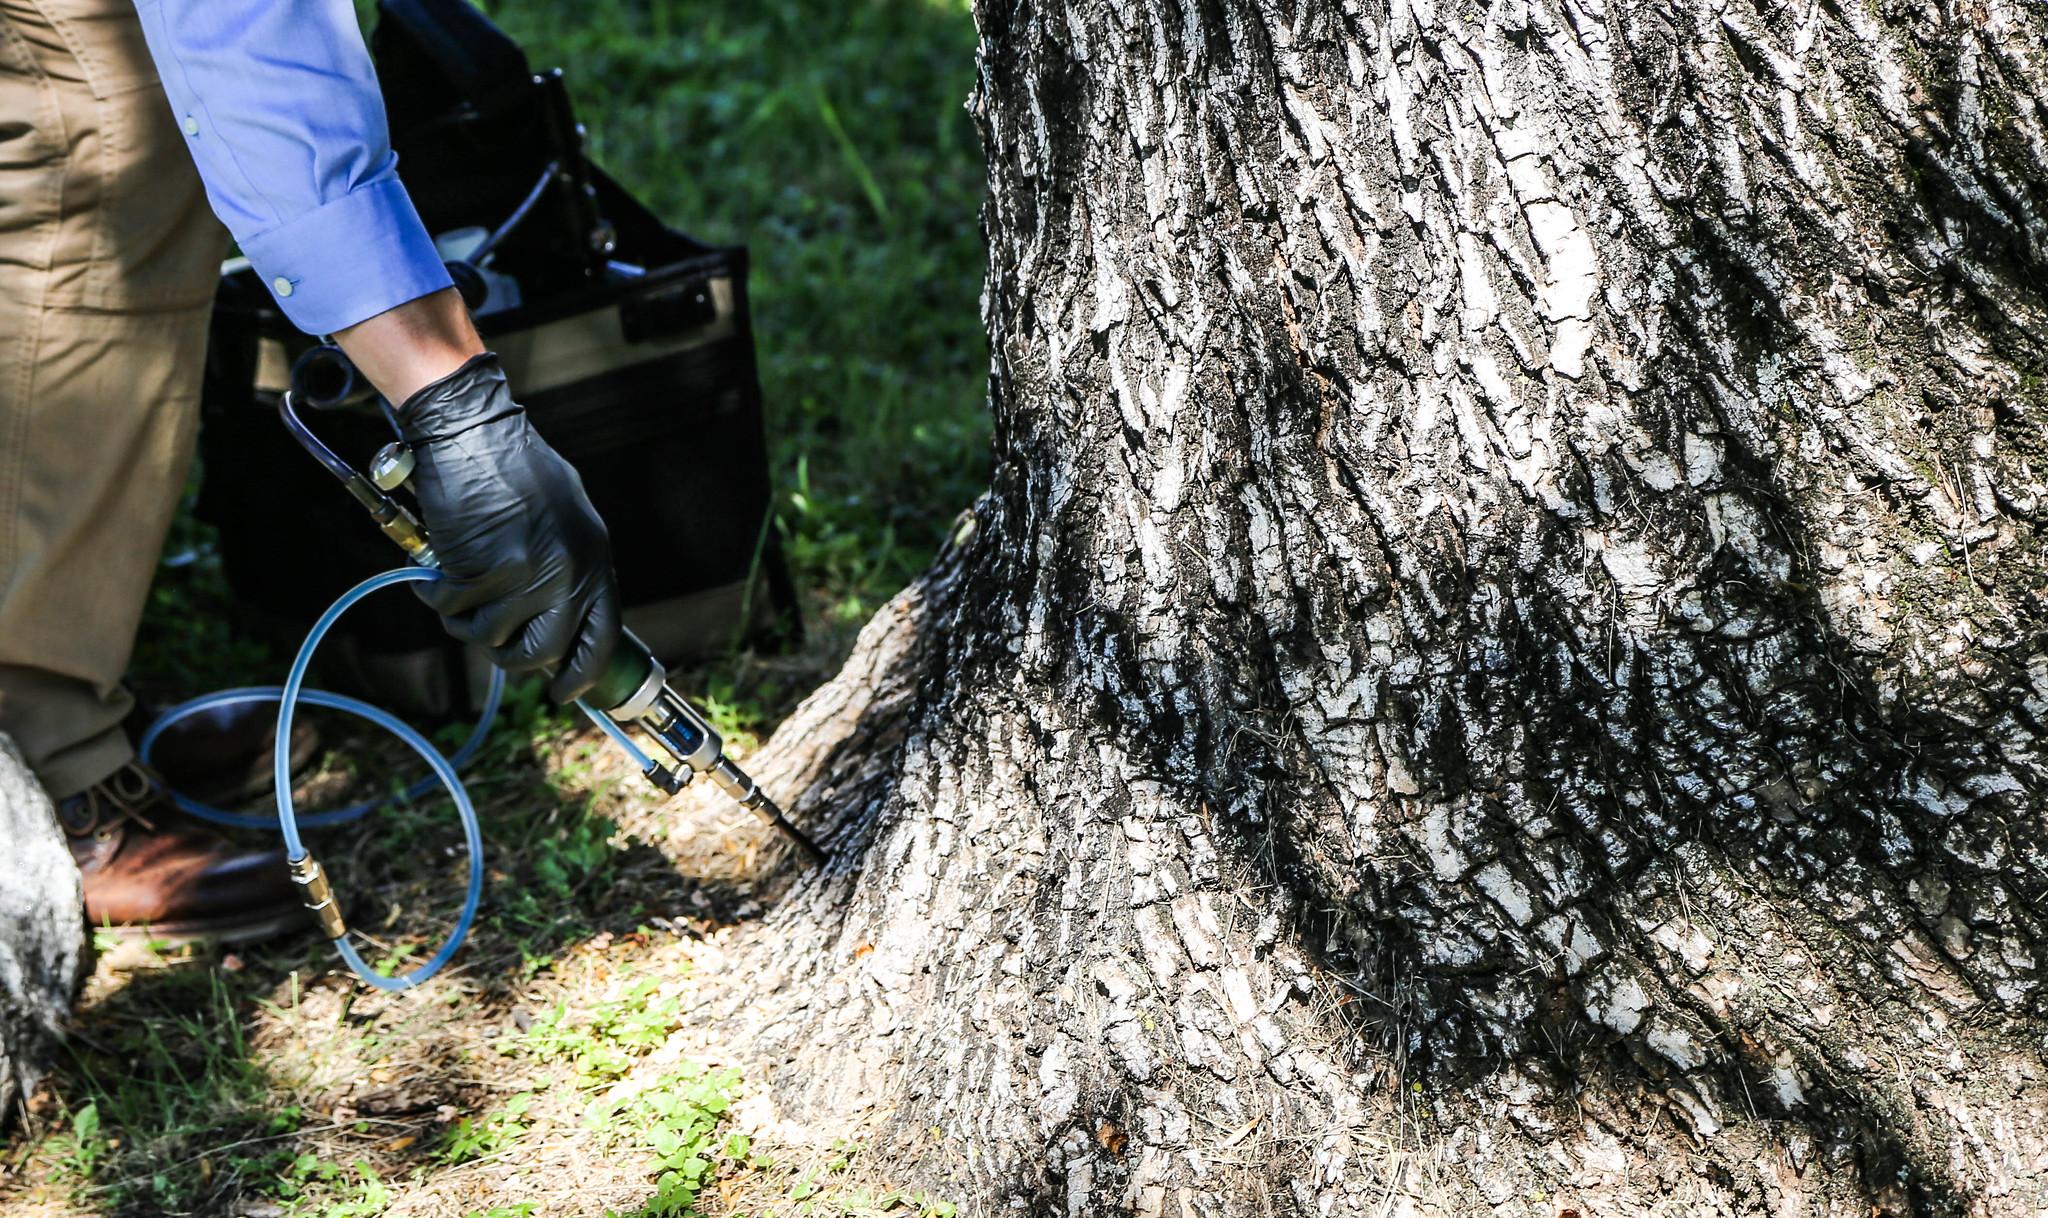 Arborjet – Tree Injection